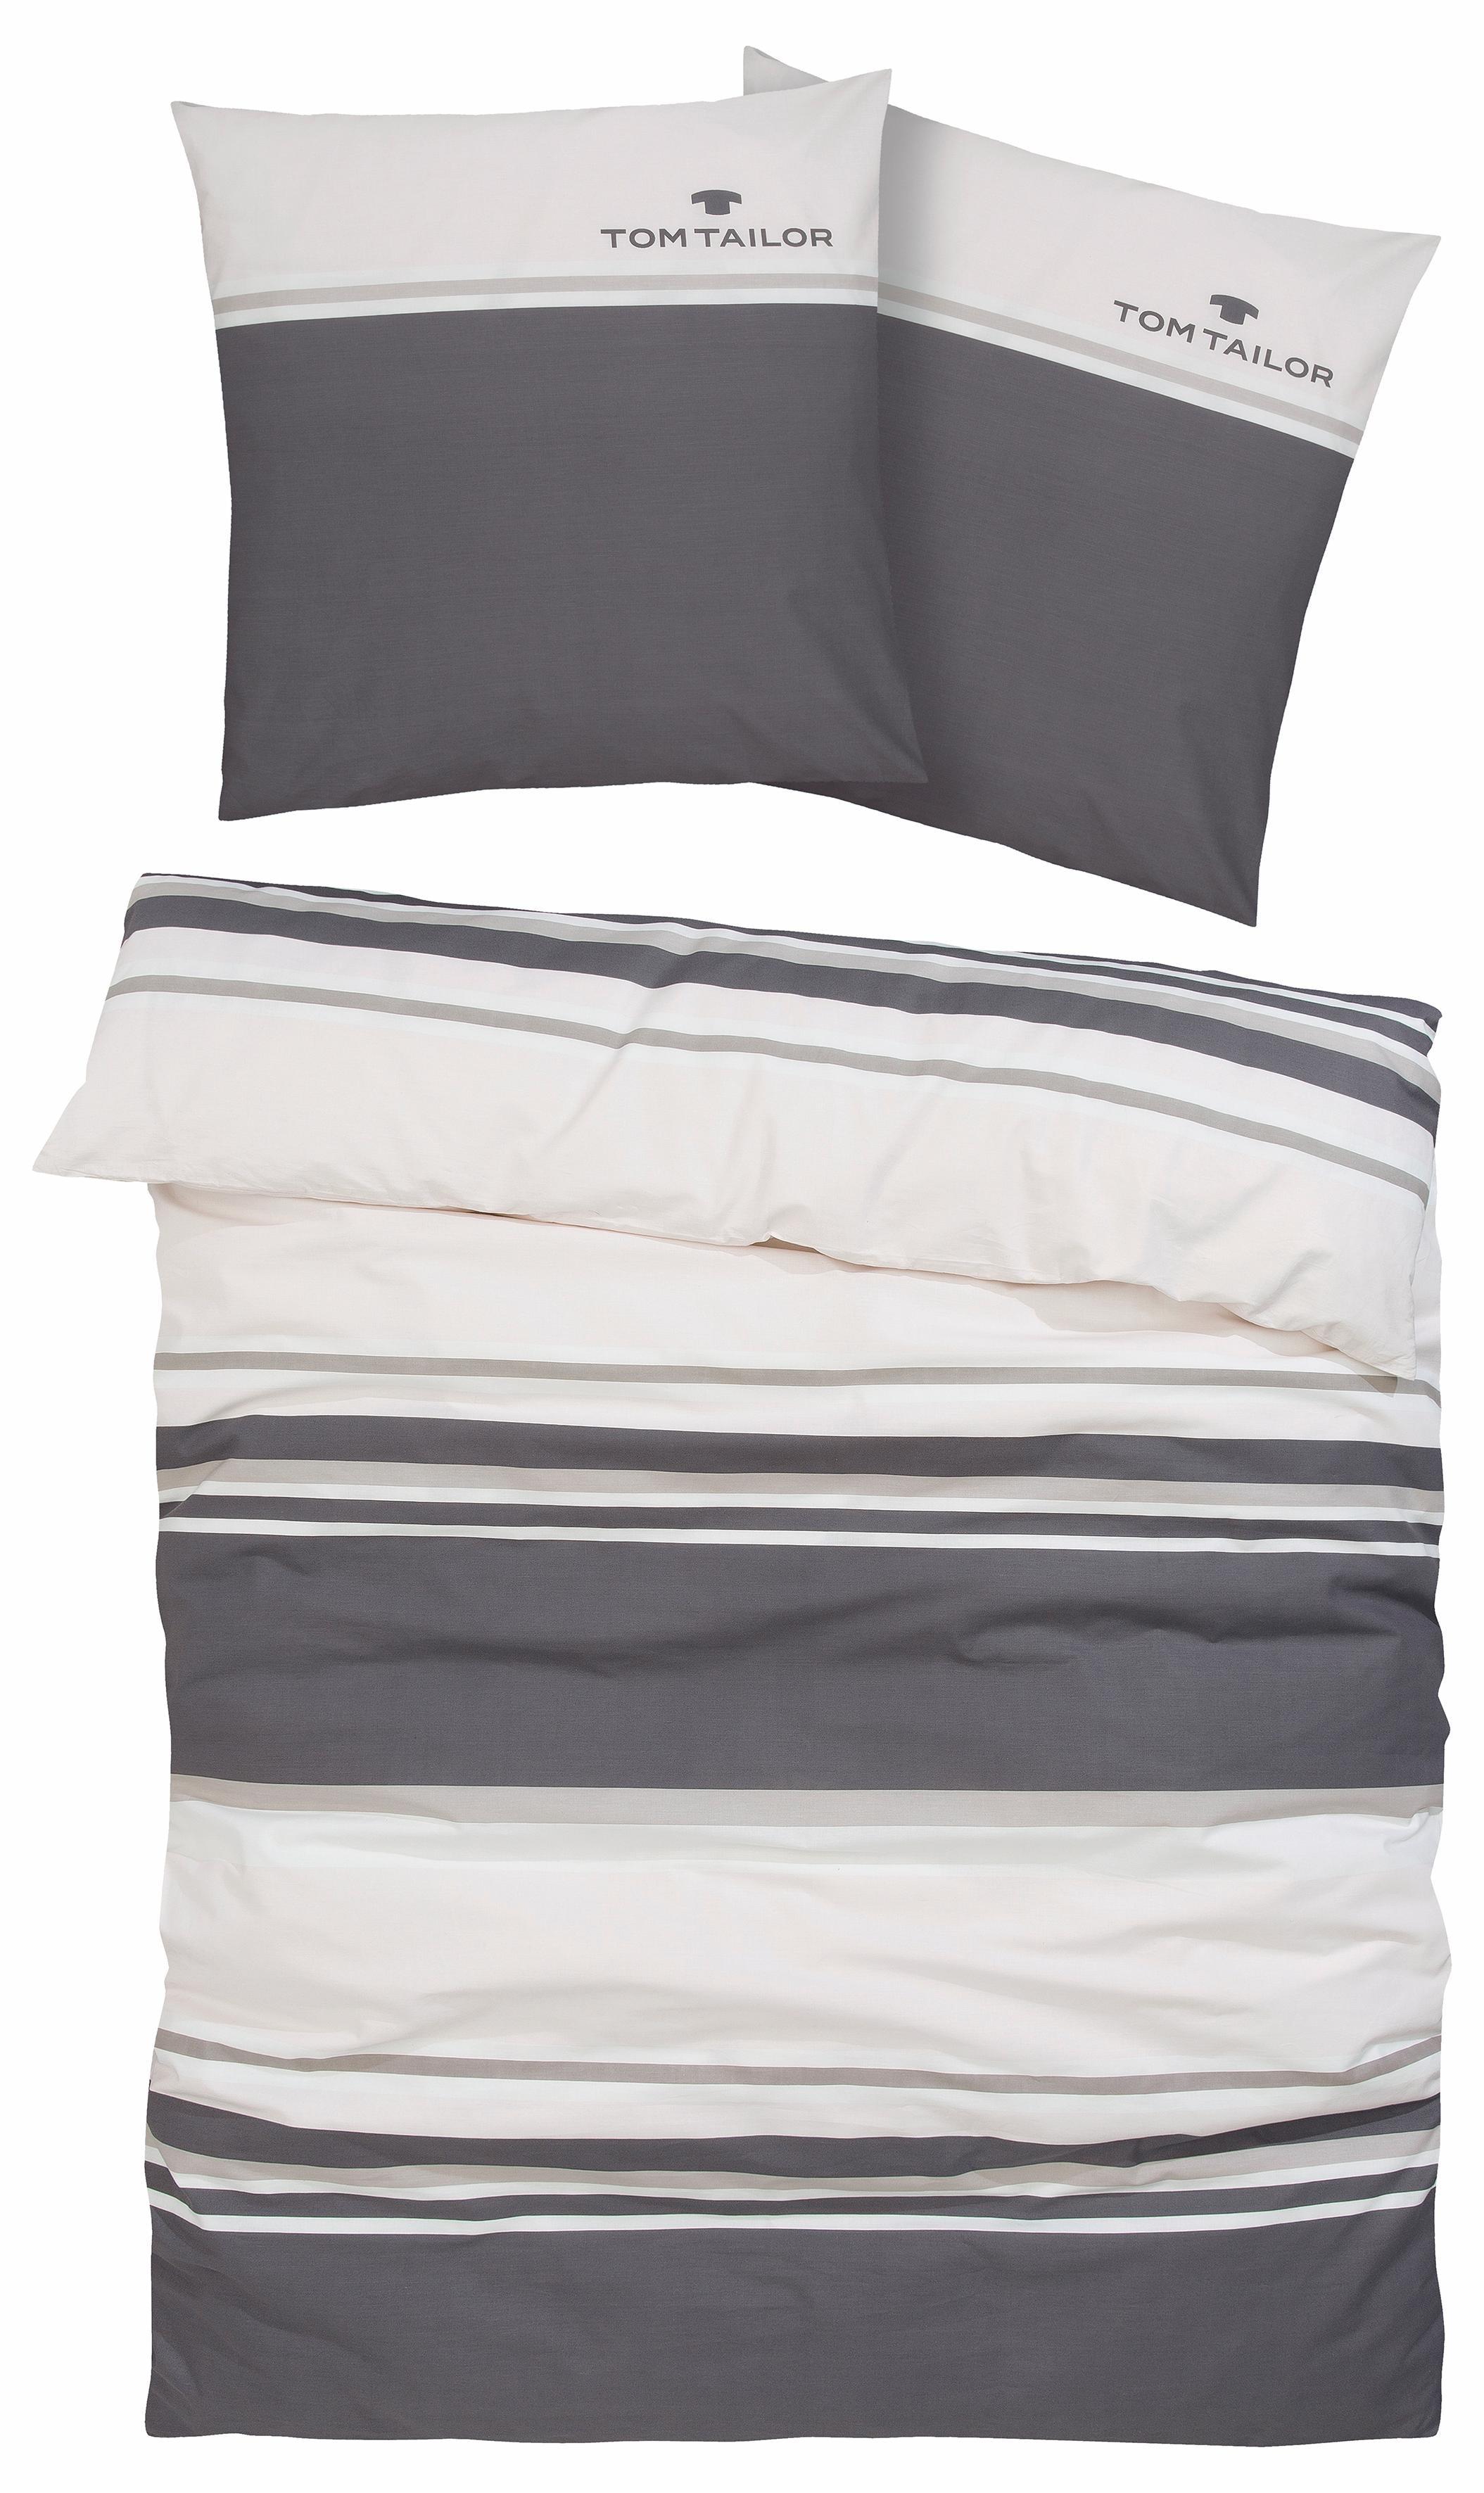 Bettwäsche »Jun«, TOM TAILOR mit auffälligem Logo-Druck | BAUR